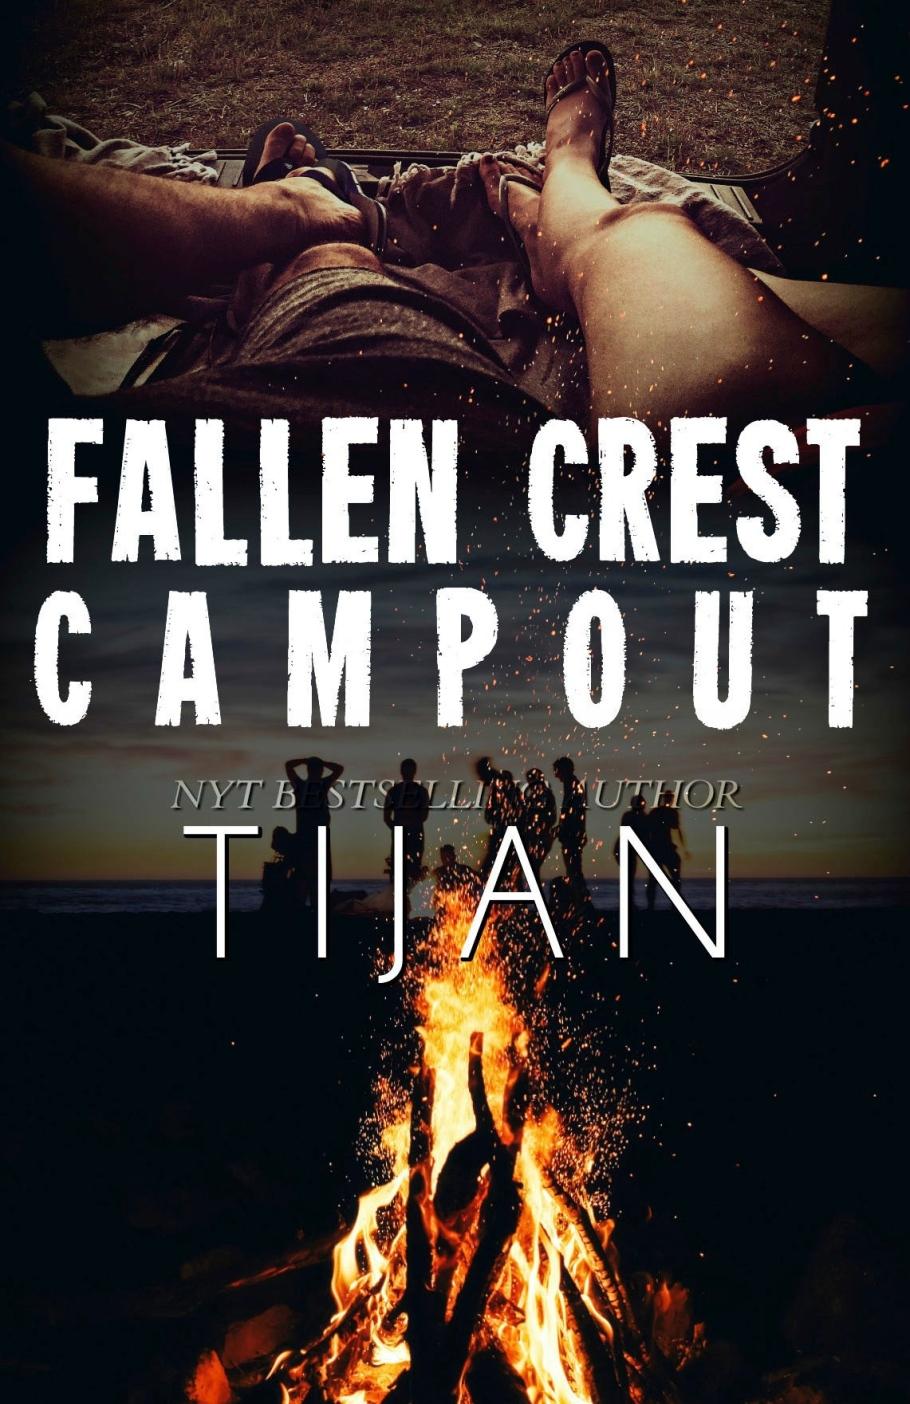 Fallen-Crest-Campout-Kindle.jpg